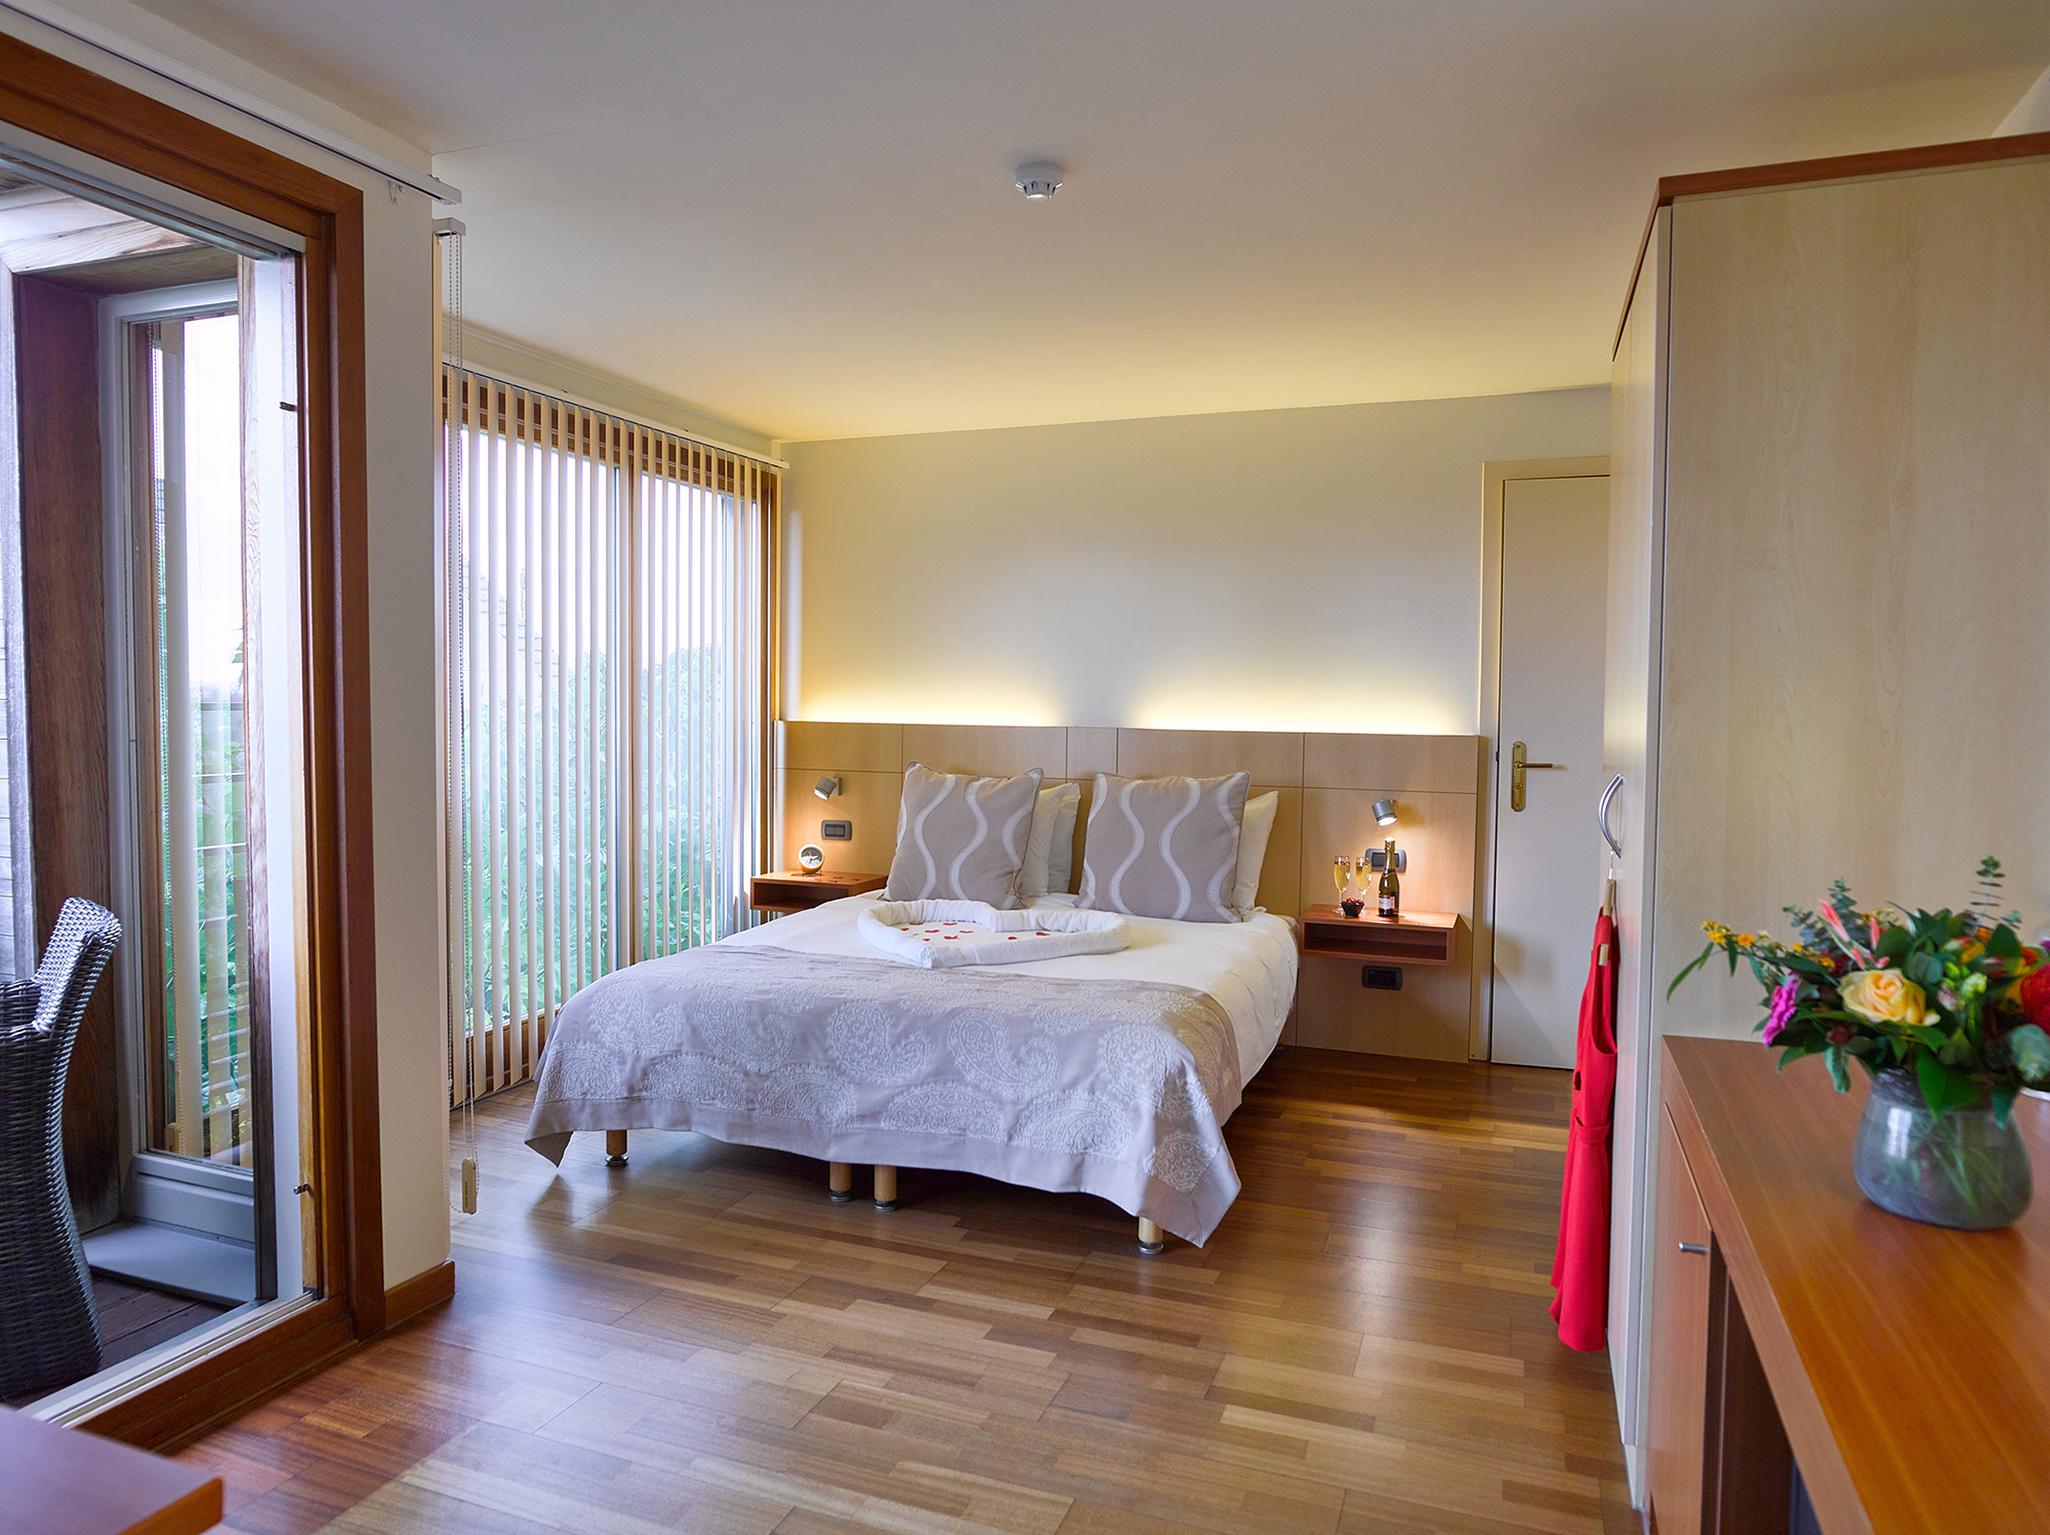 Terras - Hotel De Kommel